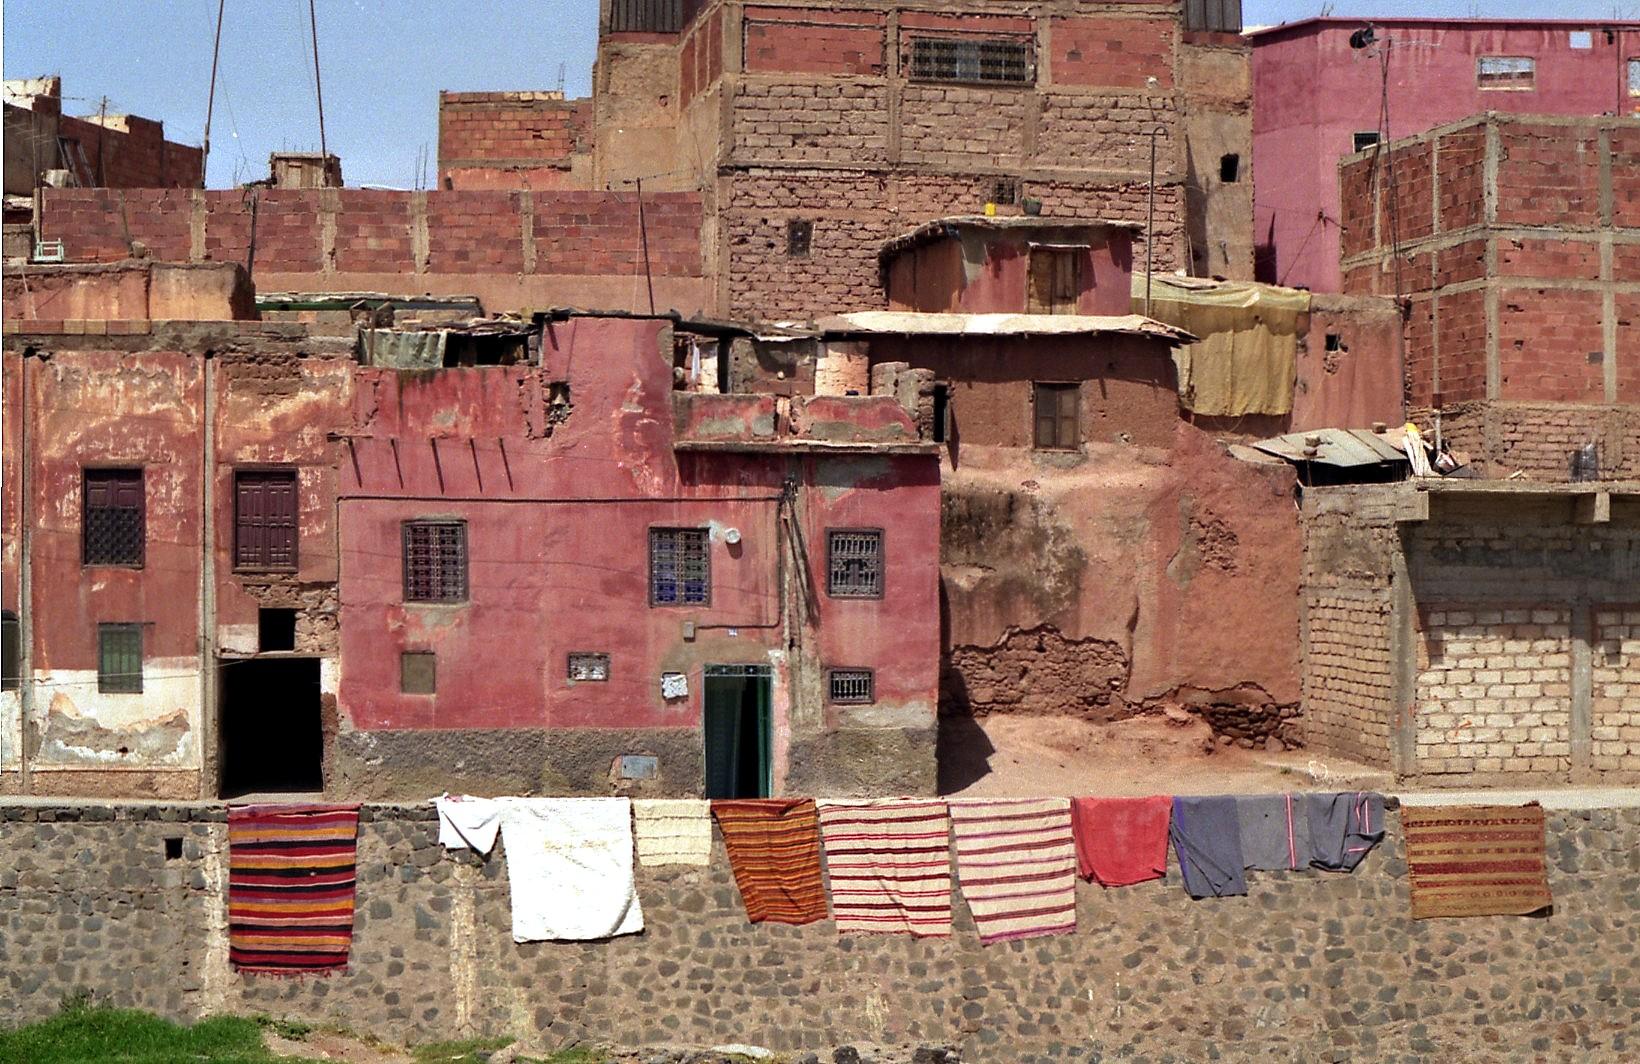 Rote häuser in Khenifra Maroc